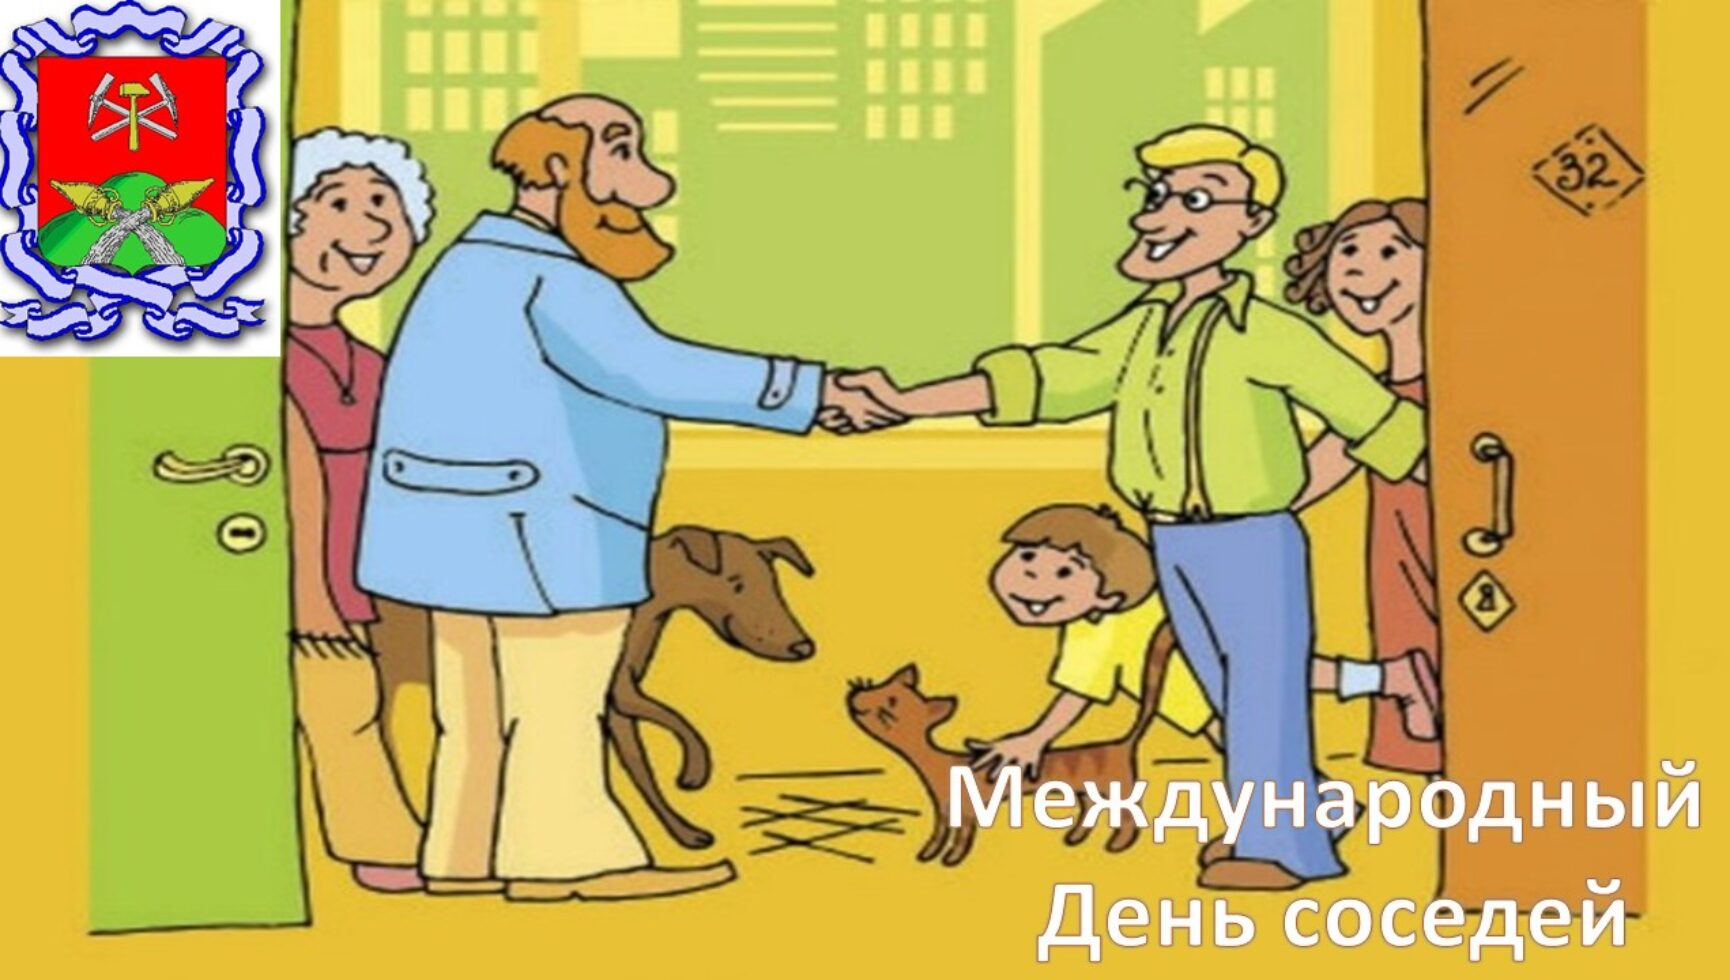 Город Новомосковск Тульской области активно участвует в акции, посвященной Международному Дню соседей